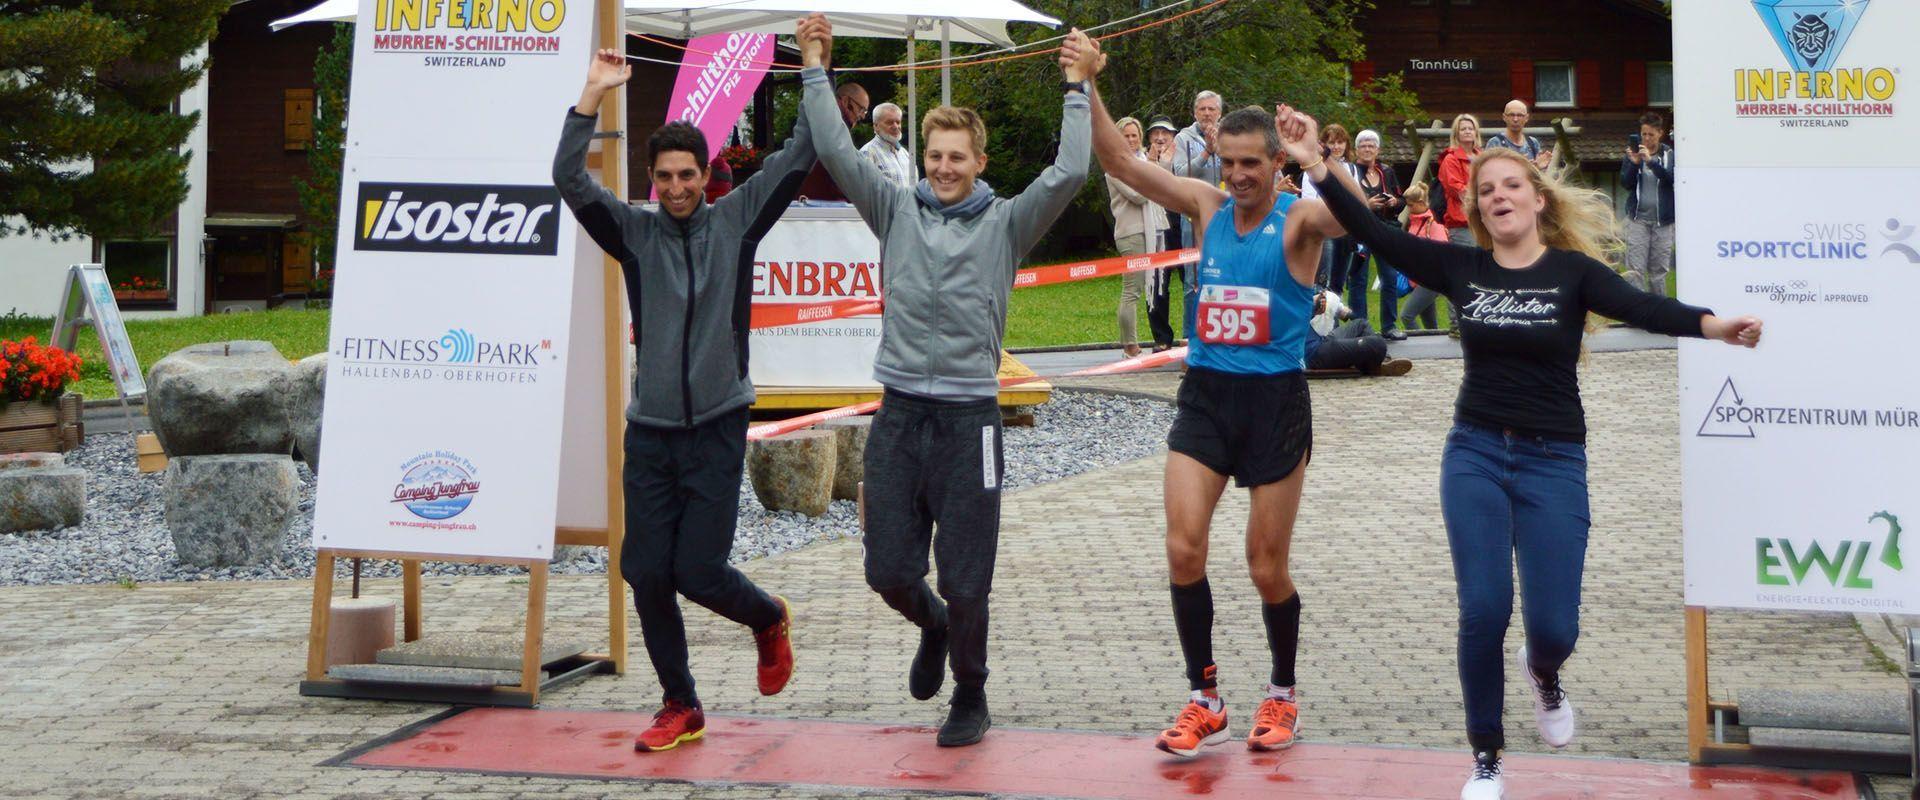 Partner events - INFERNO TRIATHLON - Mürren, Switzerland